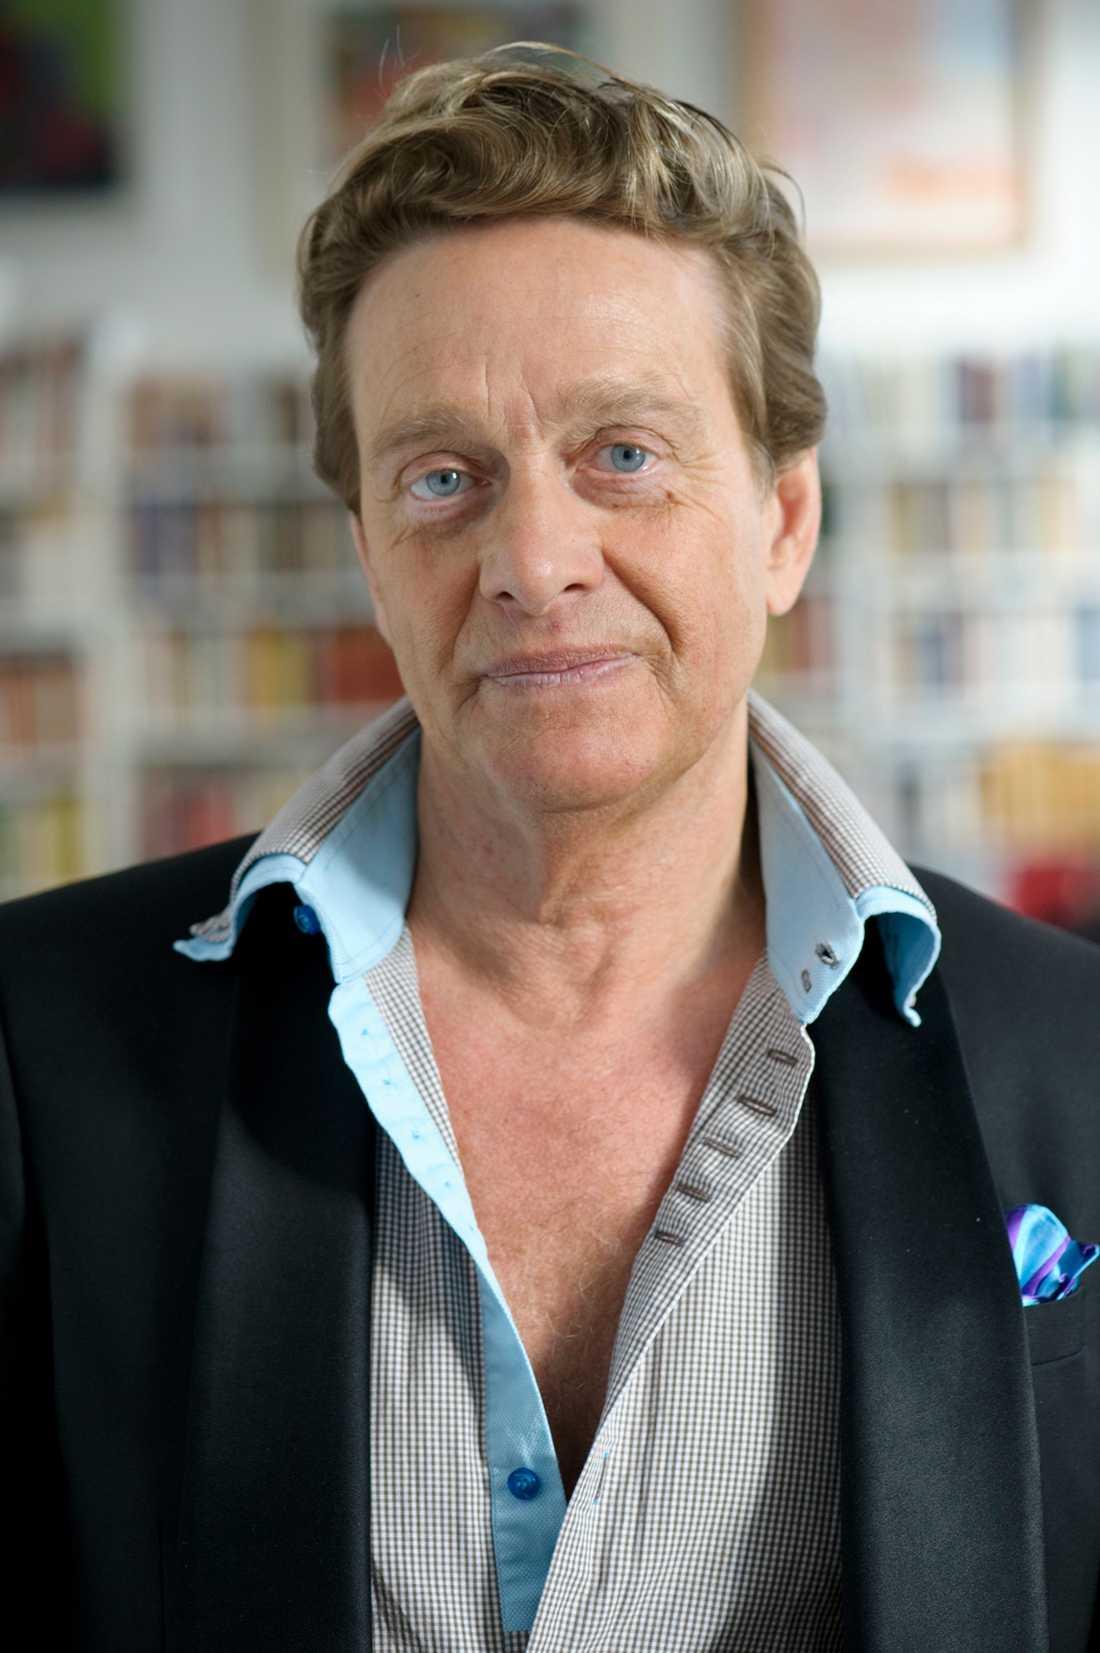 """Björn Ranelid. """"Är det här Sveriges svar på Simon Cowell? Han borde knäppa skjortan. Är det hans riktiga hår förresten? Han bryr sig uppenbarligen mycket om sitt utseende"""". Foto: Henrik Montgomery / Scanpix"""